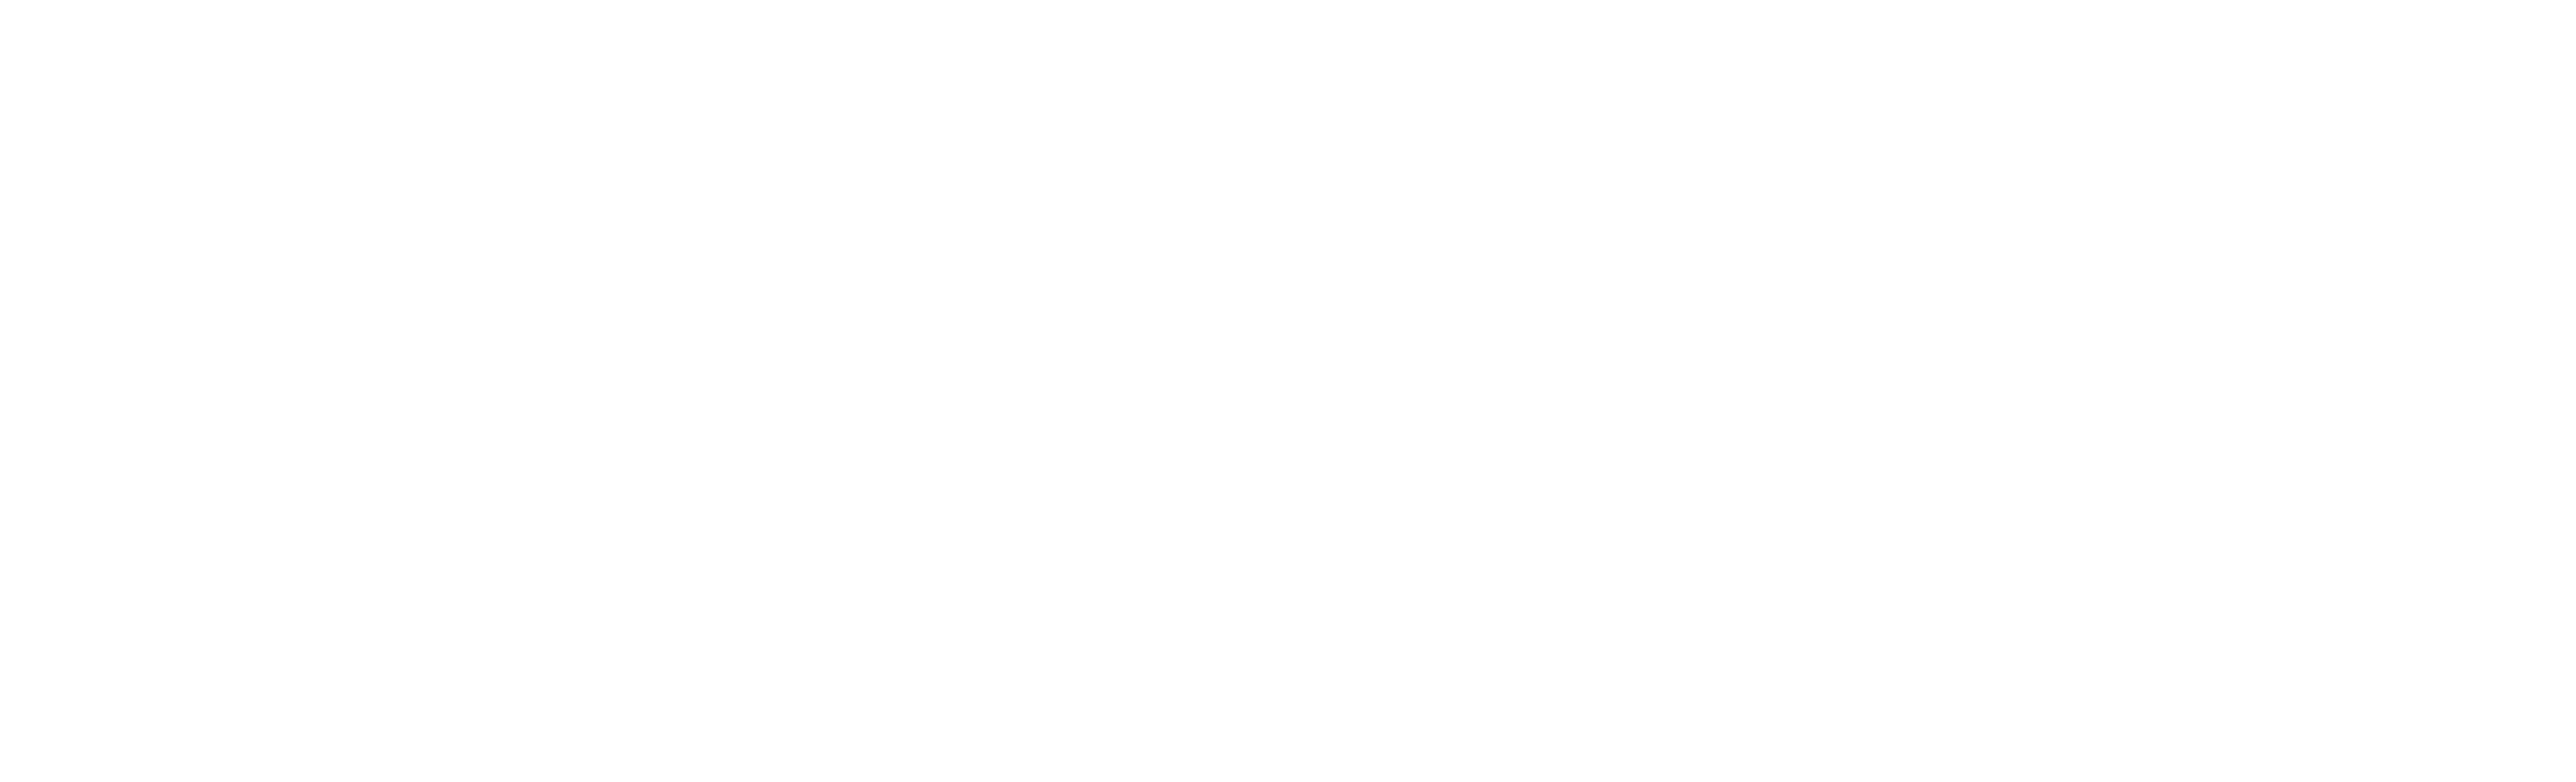 Zimbapark Logo